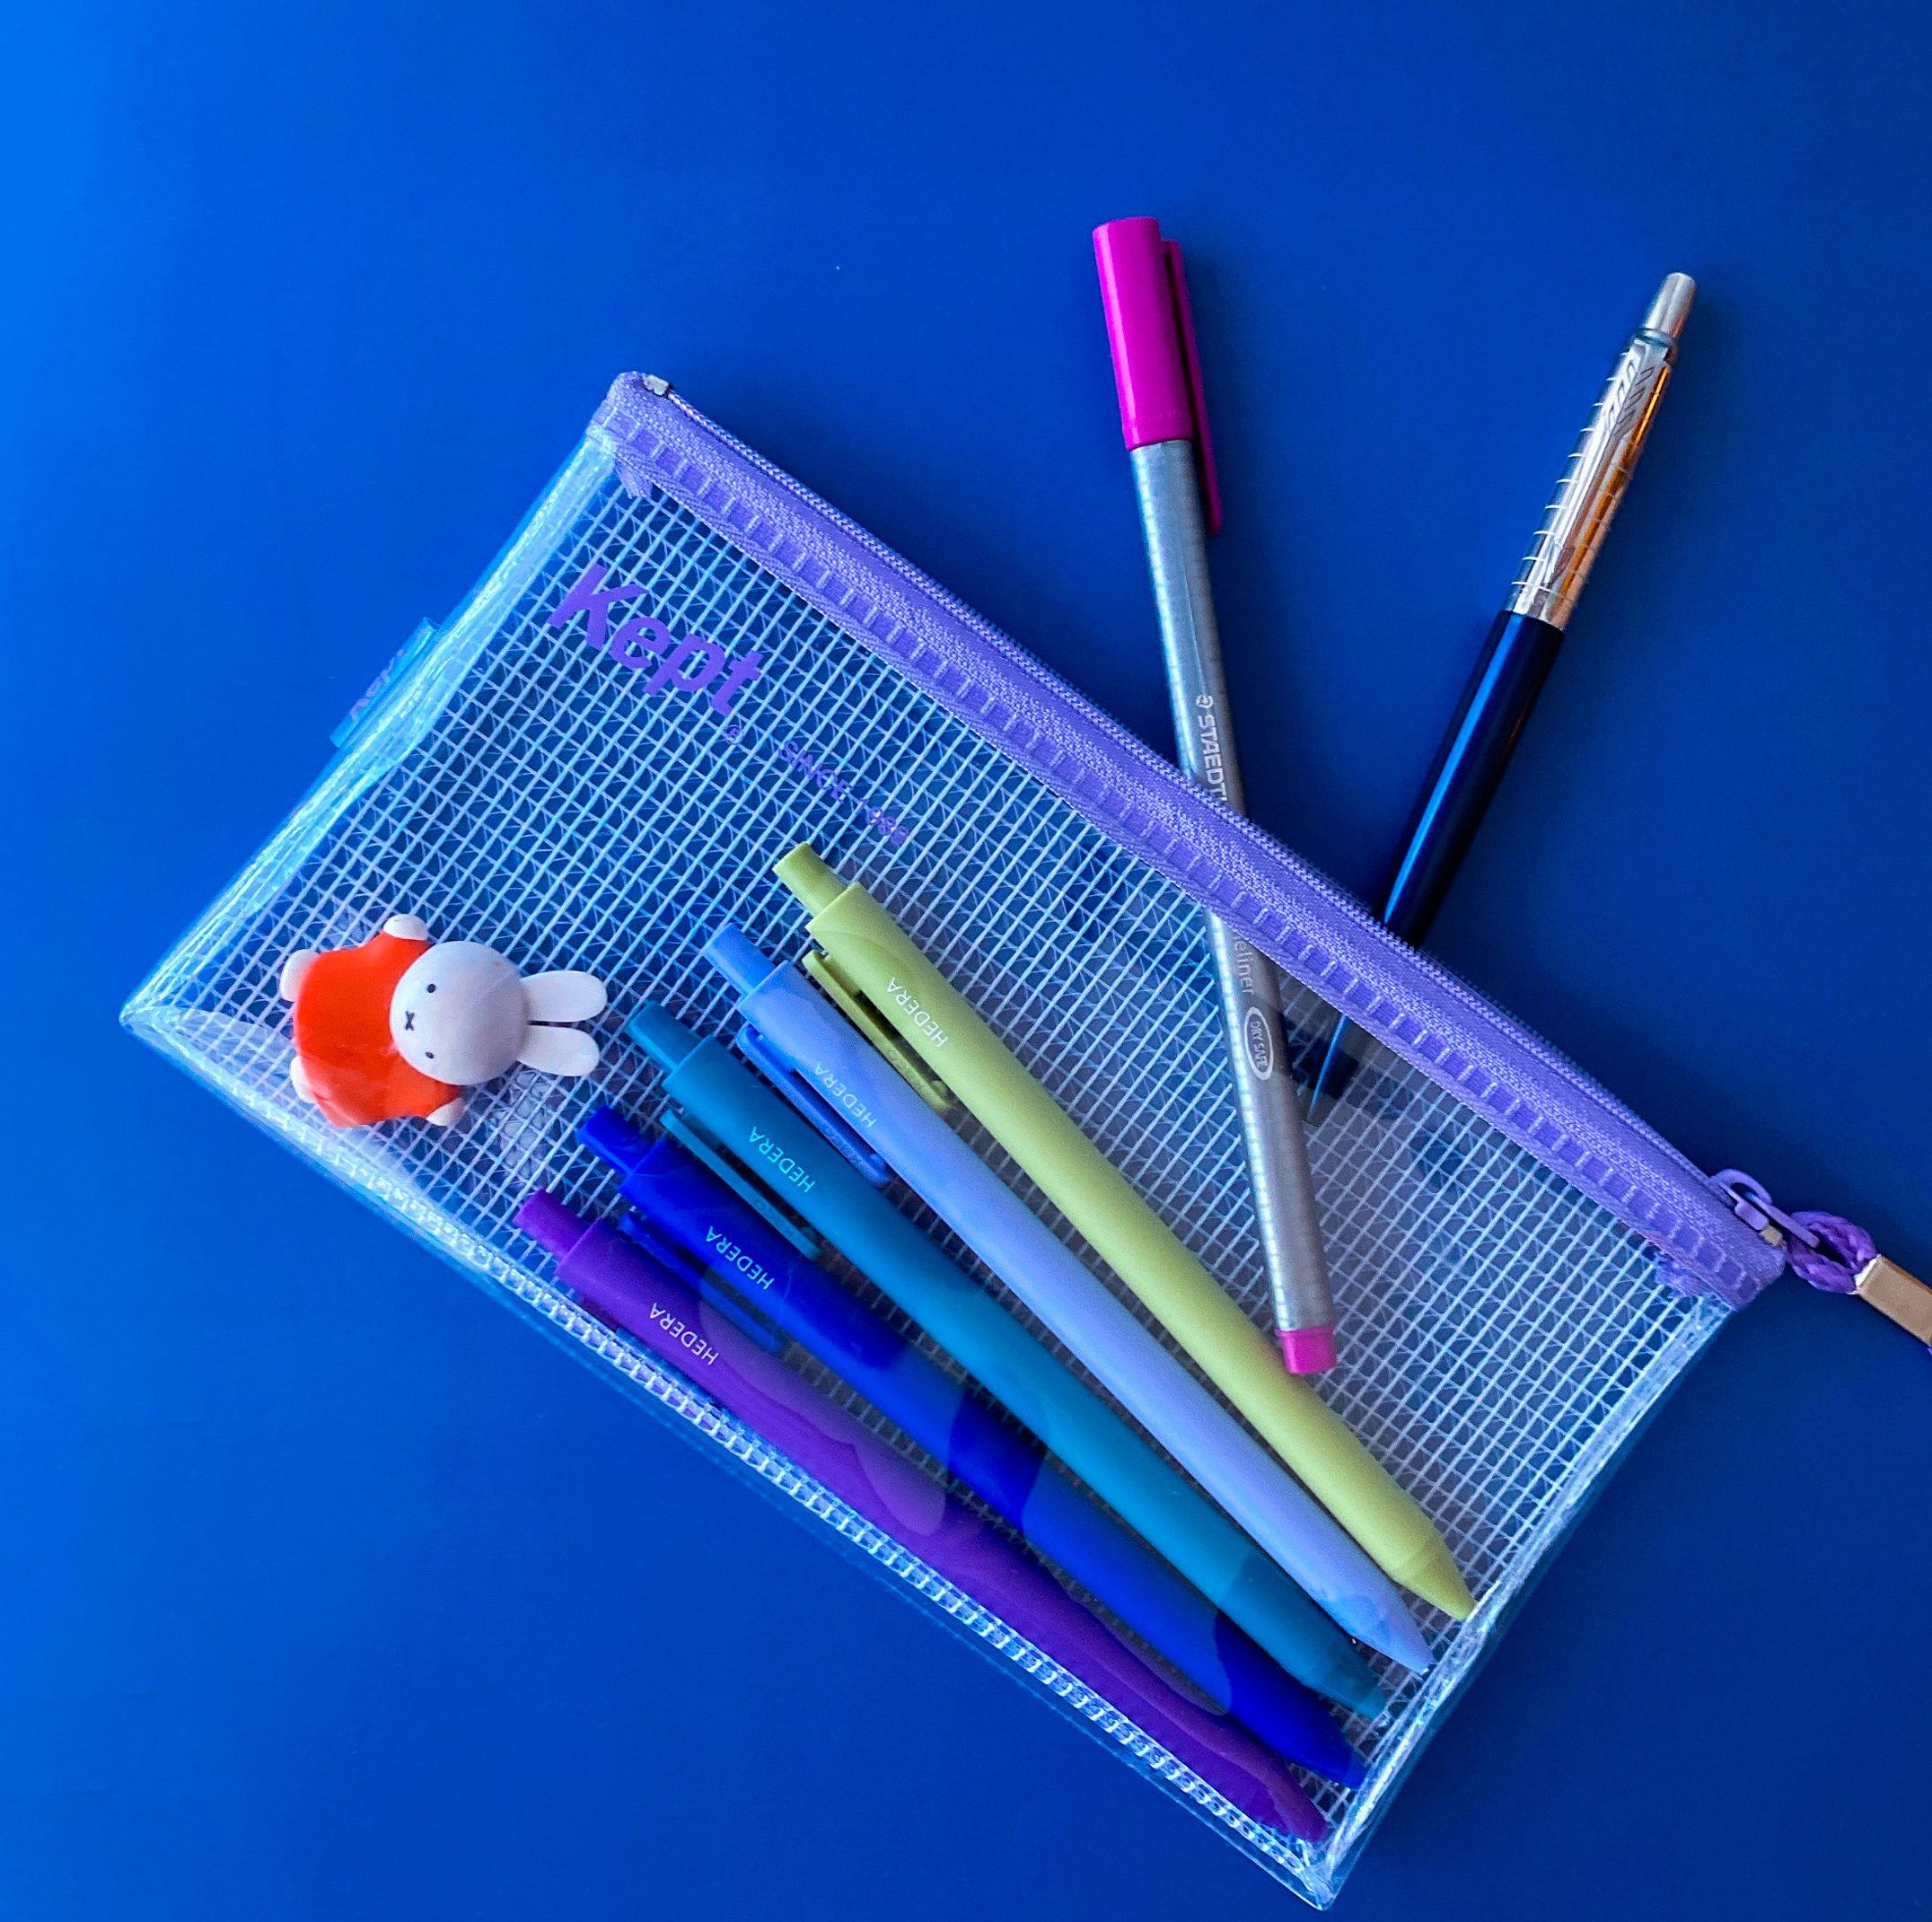 世界で一つだけのボールペンに愛着が湧くこと間違いなし